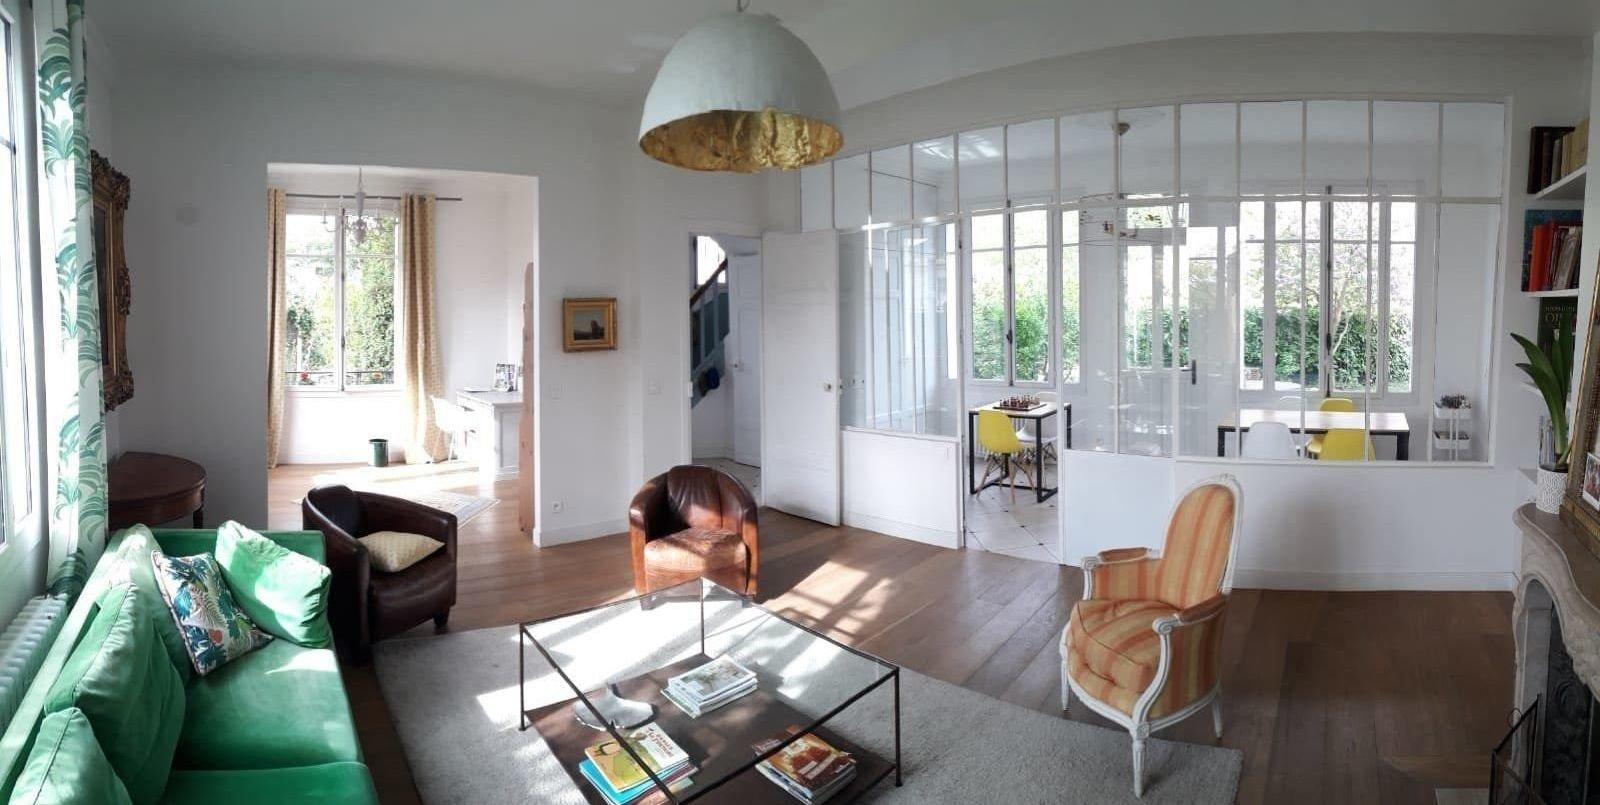 Maison ancienne familiale rénovée à 17 min à pied du RER.